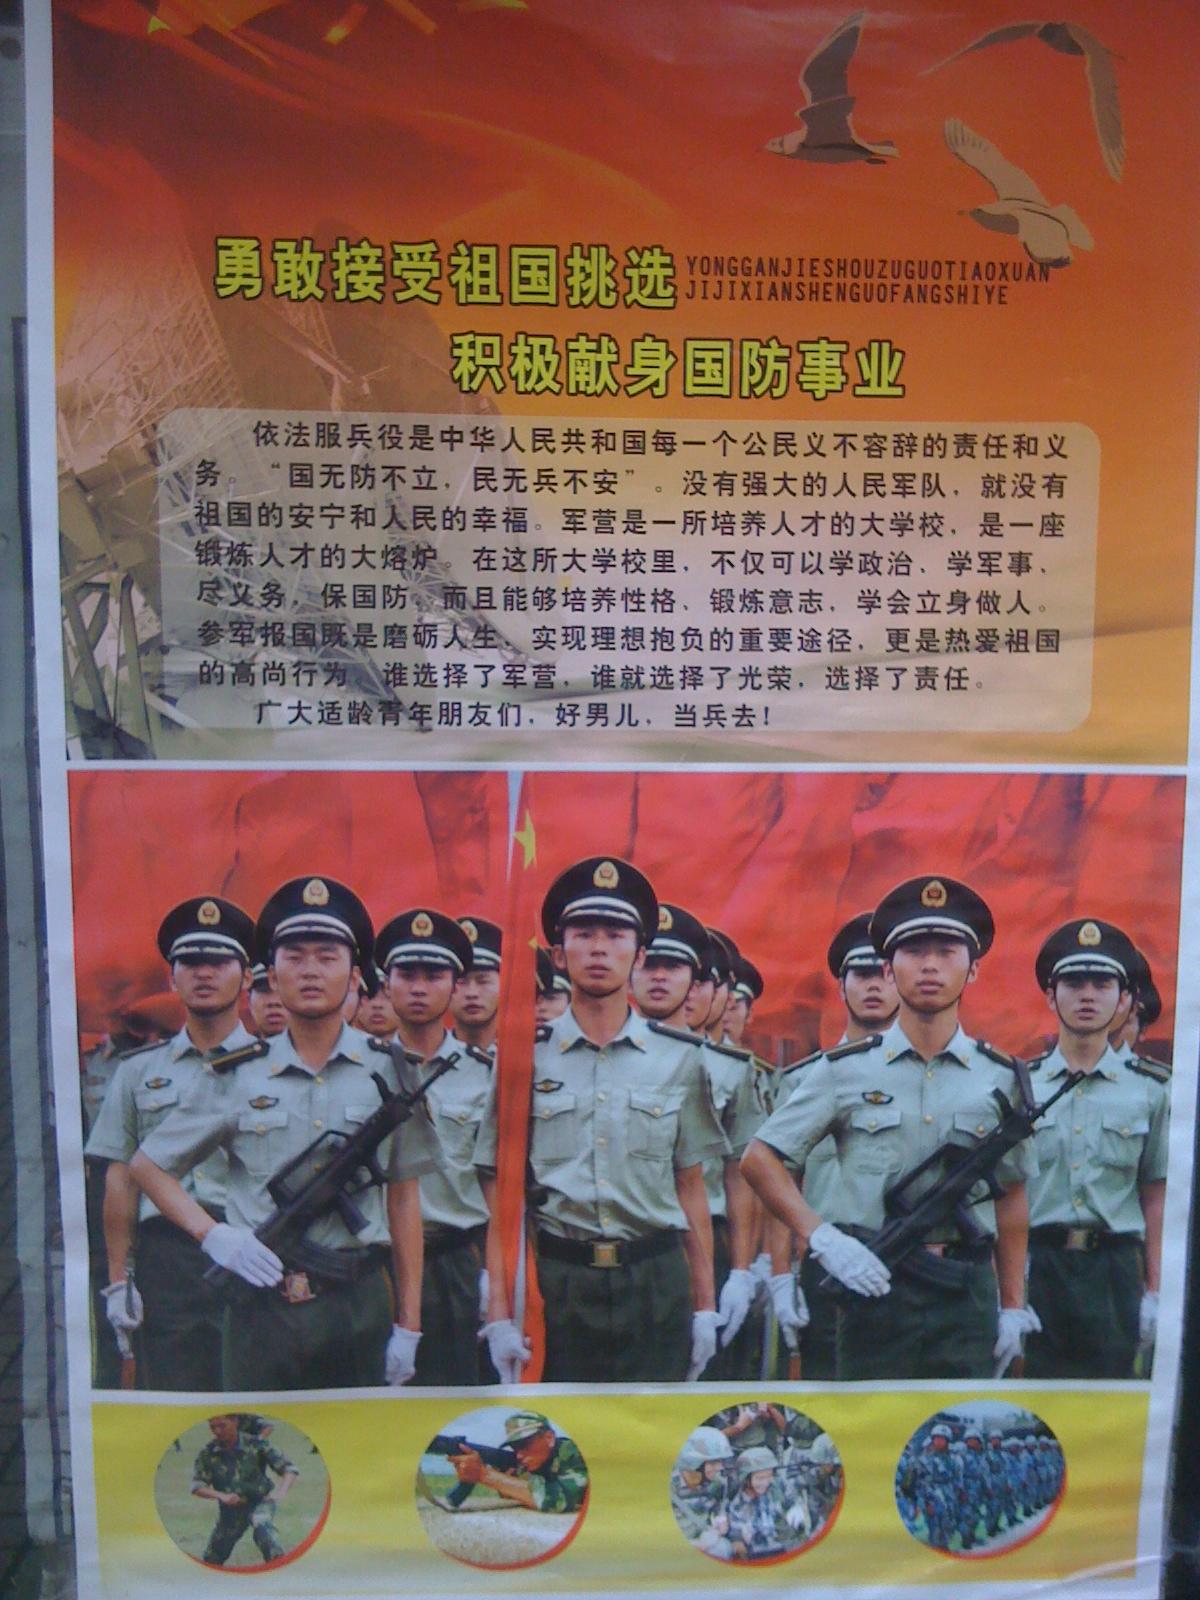 中国人の愛国心と共産党プロパガンダ